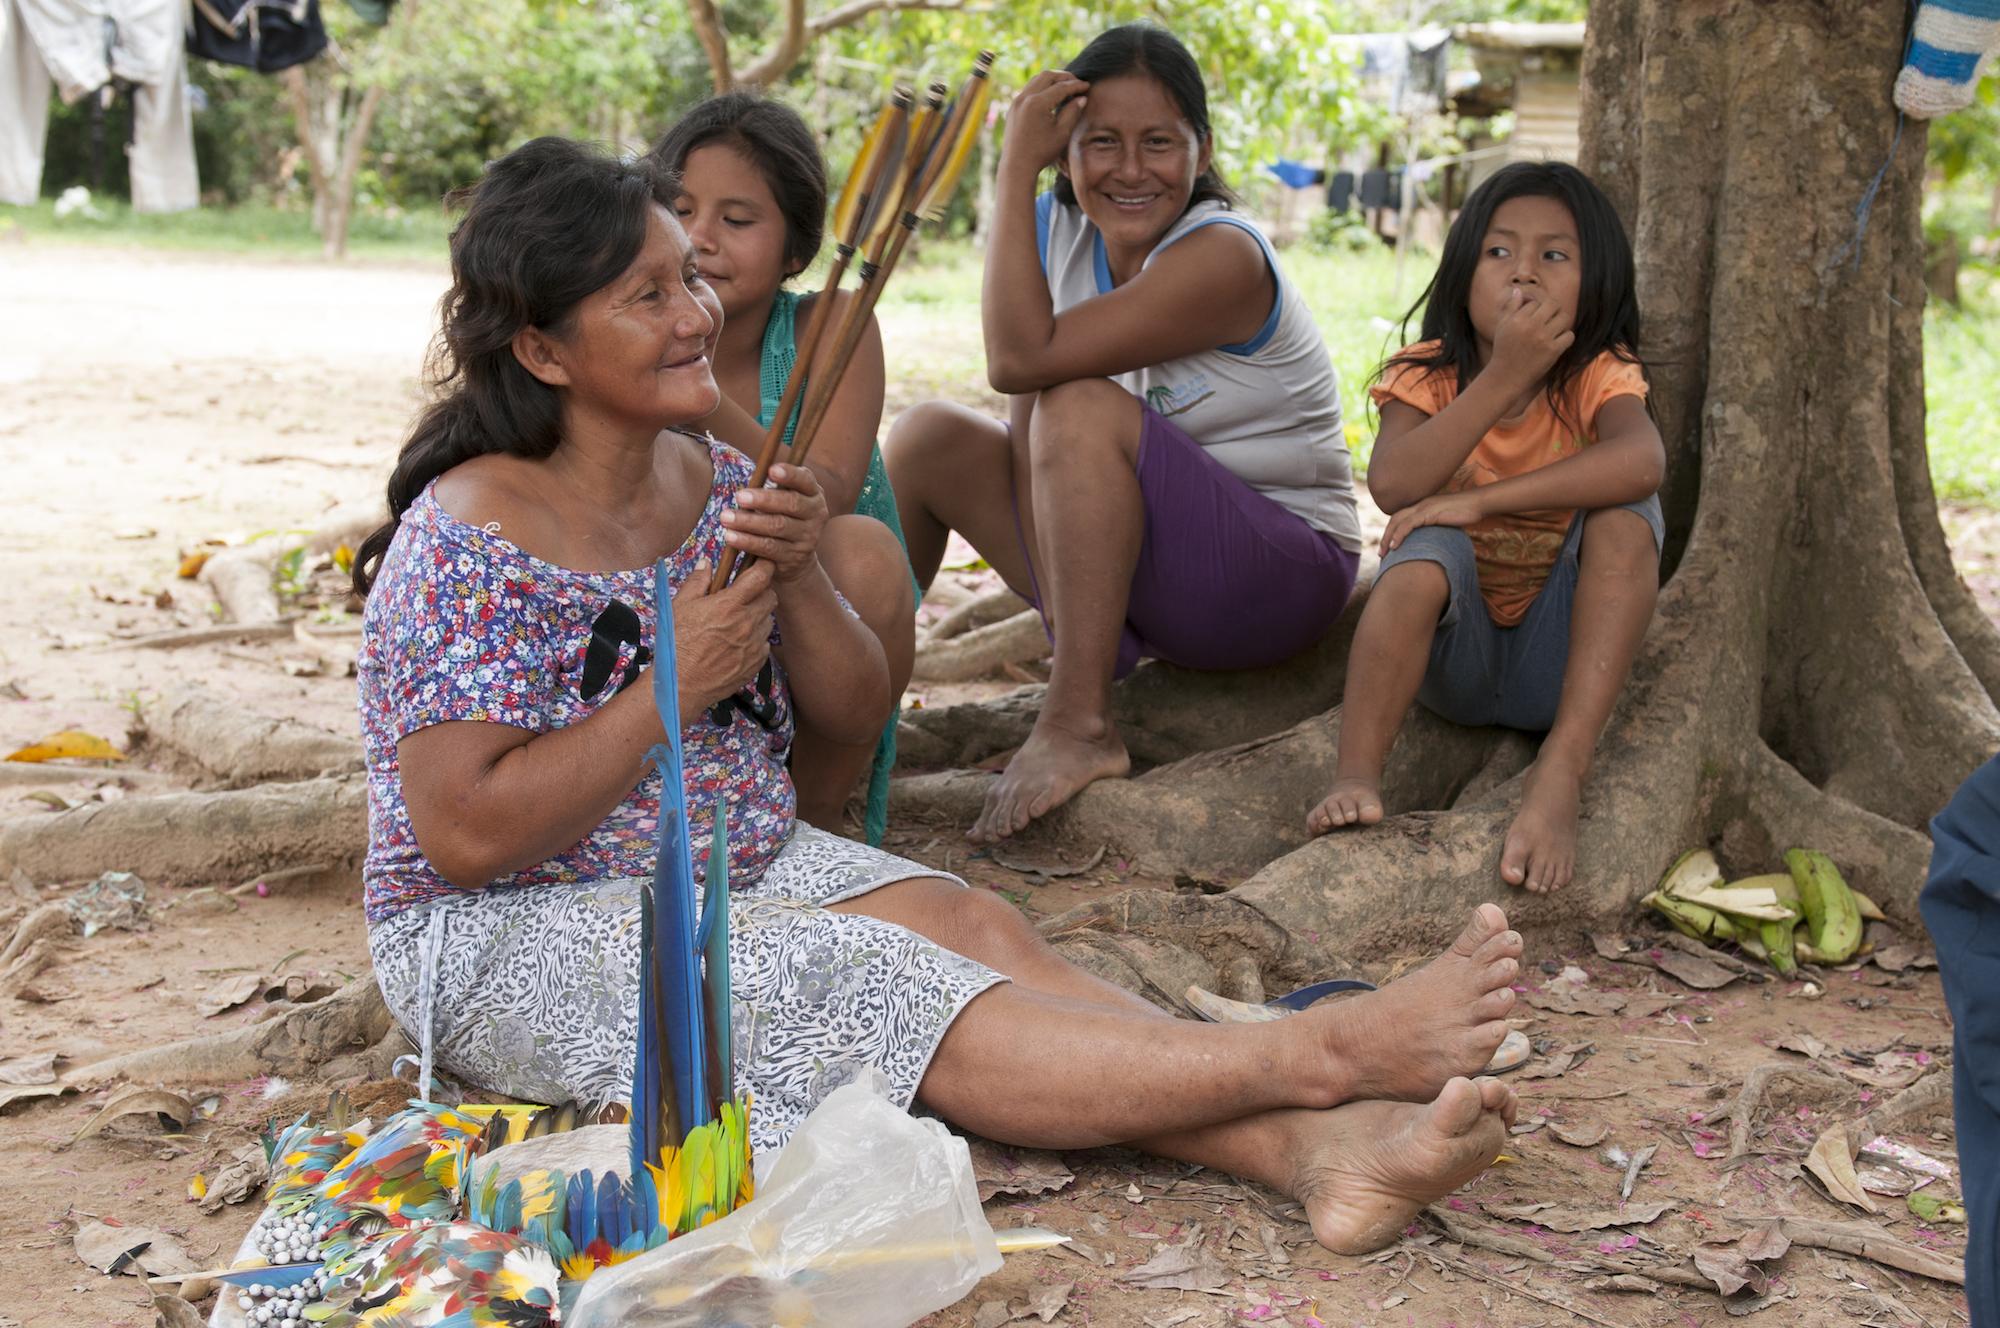 Mujeres indígenas compartiendo una charla en la Reserva Comunal Amarakaeri. Foto: Iñigo Maneiro / Sernanp.